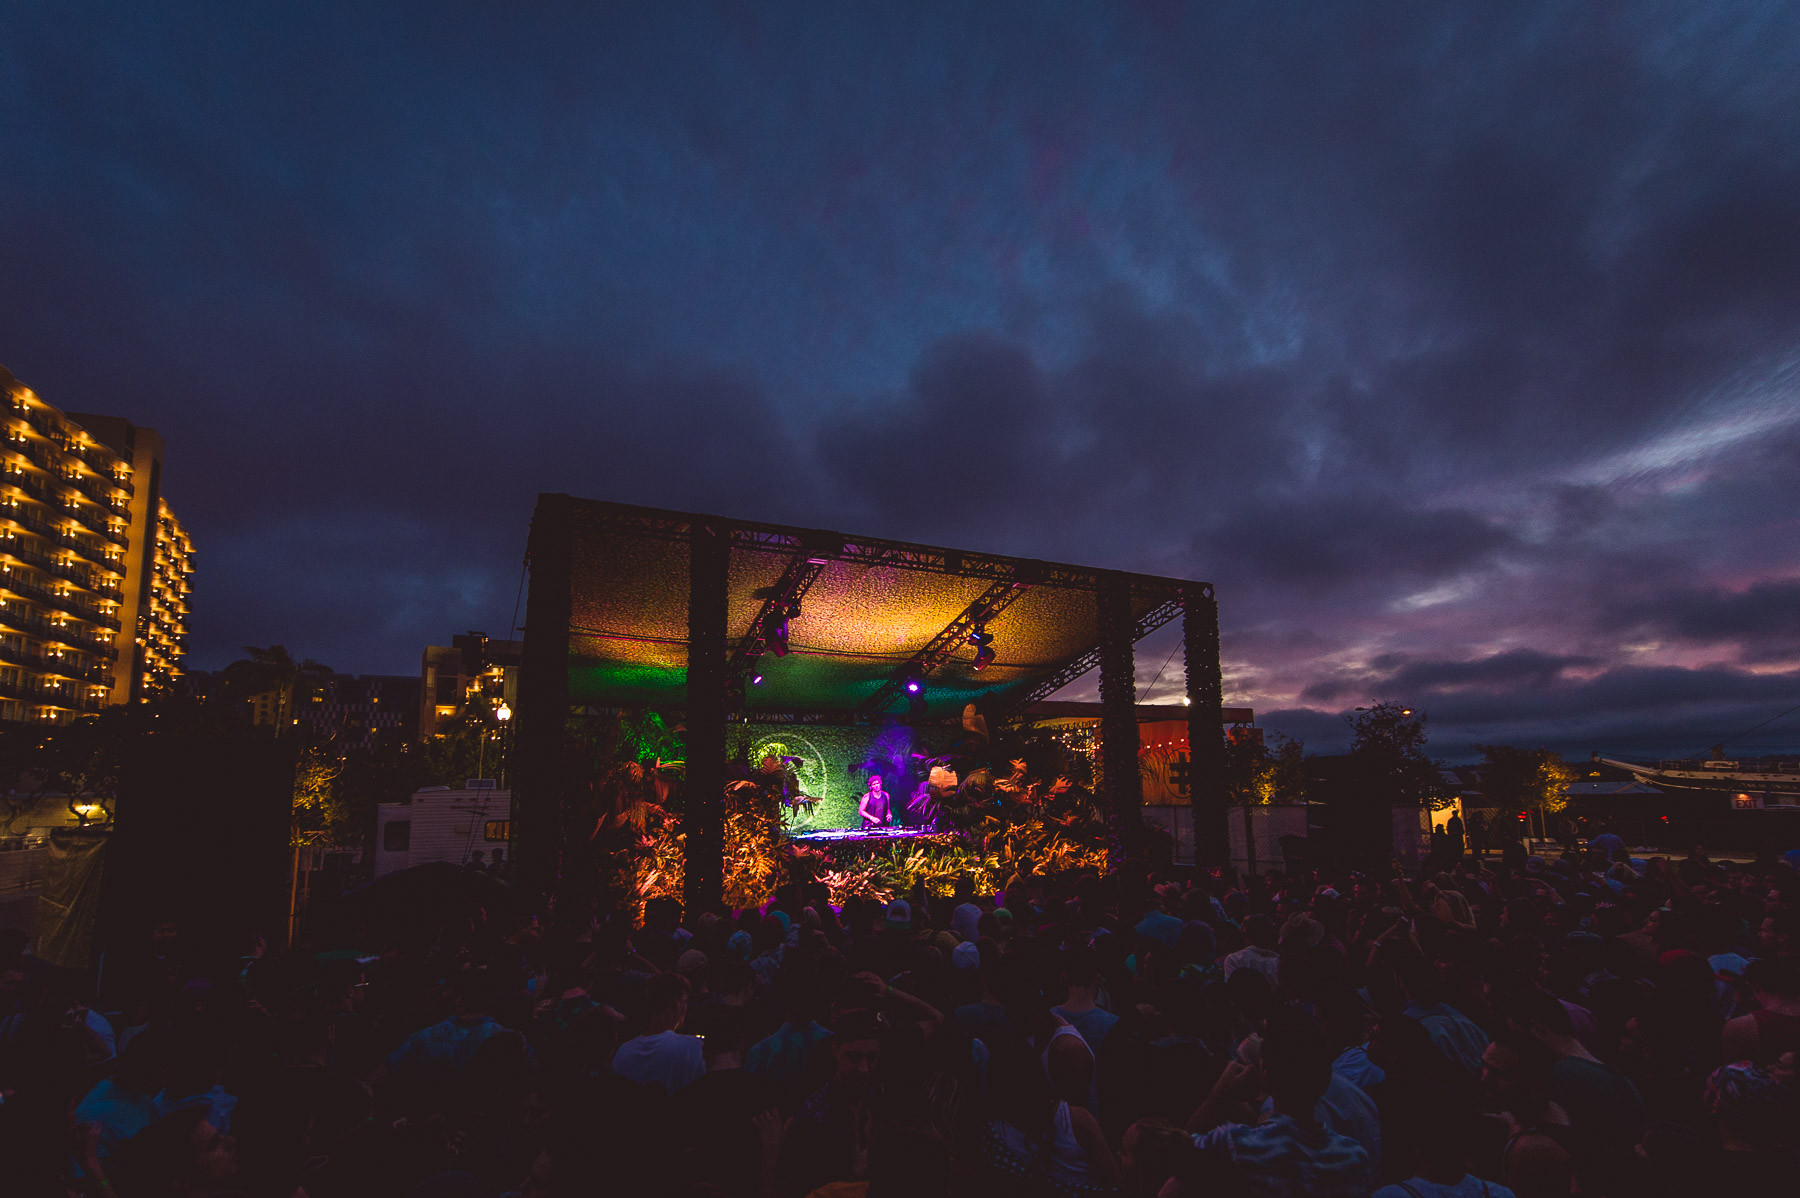 Crssd_Festival_Spring_2016 (26 of 47).jpg